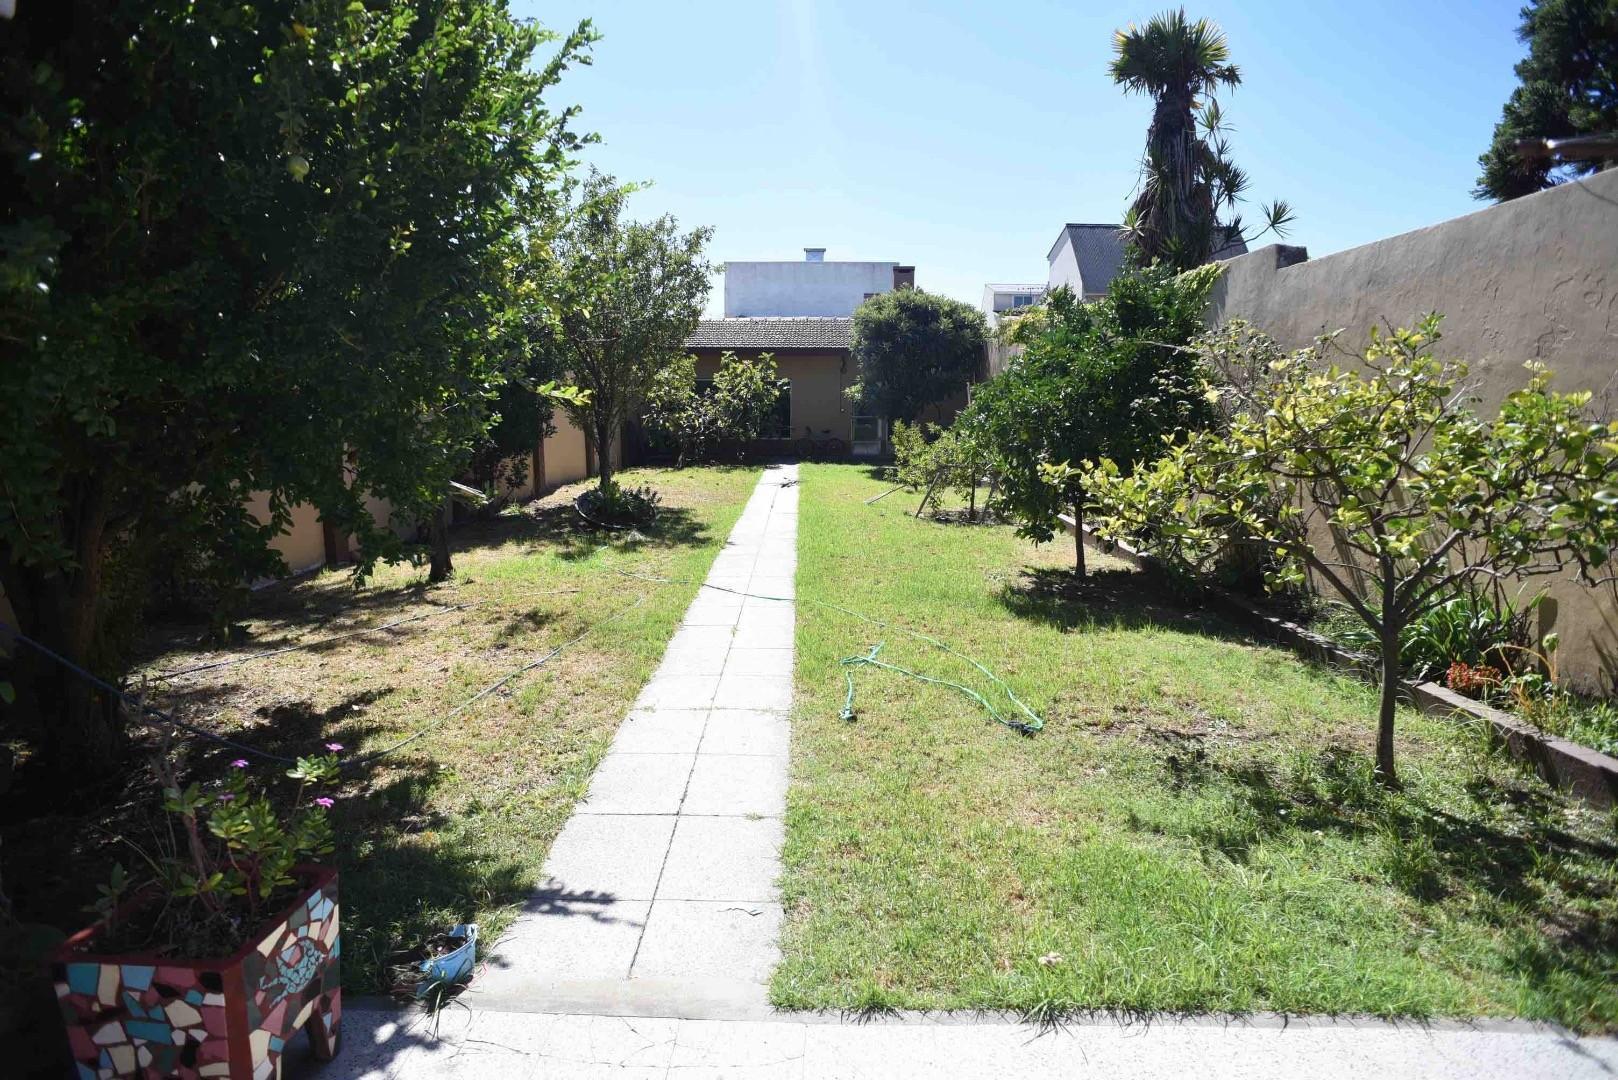 Santa Rosa 3800 Villa Martelli